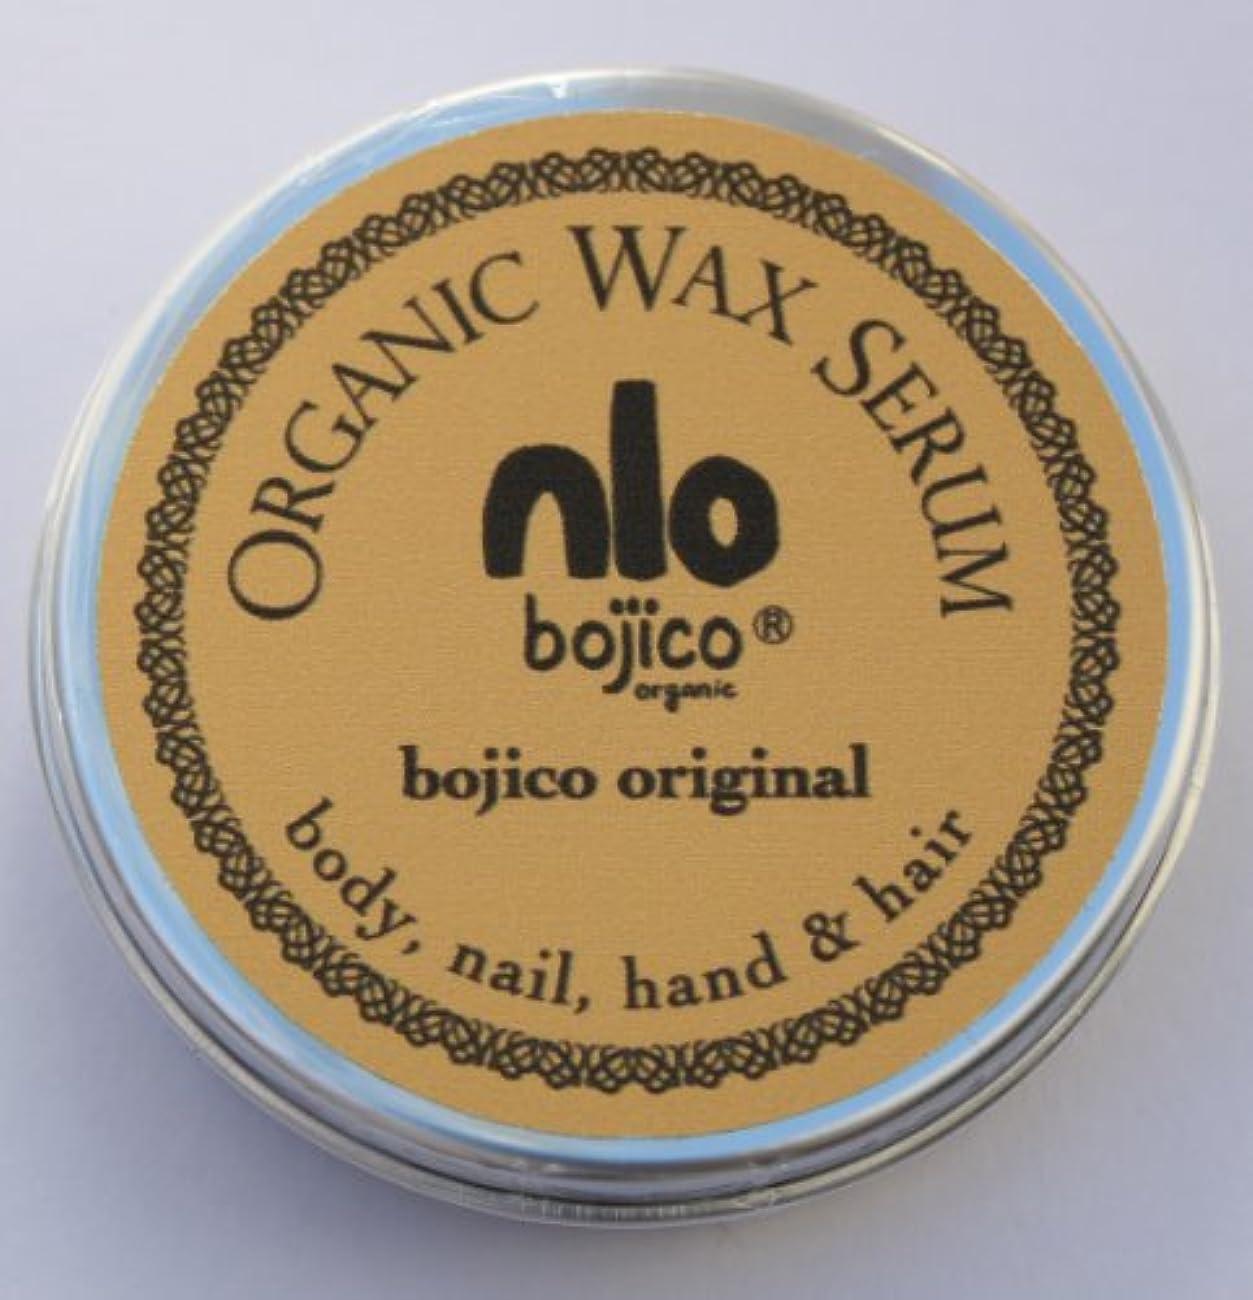 お別れトチの実の木進化するbojico オーガニック ワックス セラム<オリジナル> Organic Wax Serum 40g